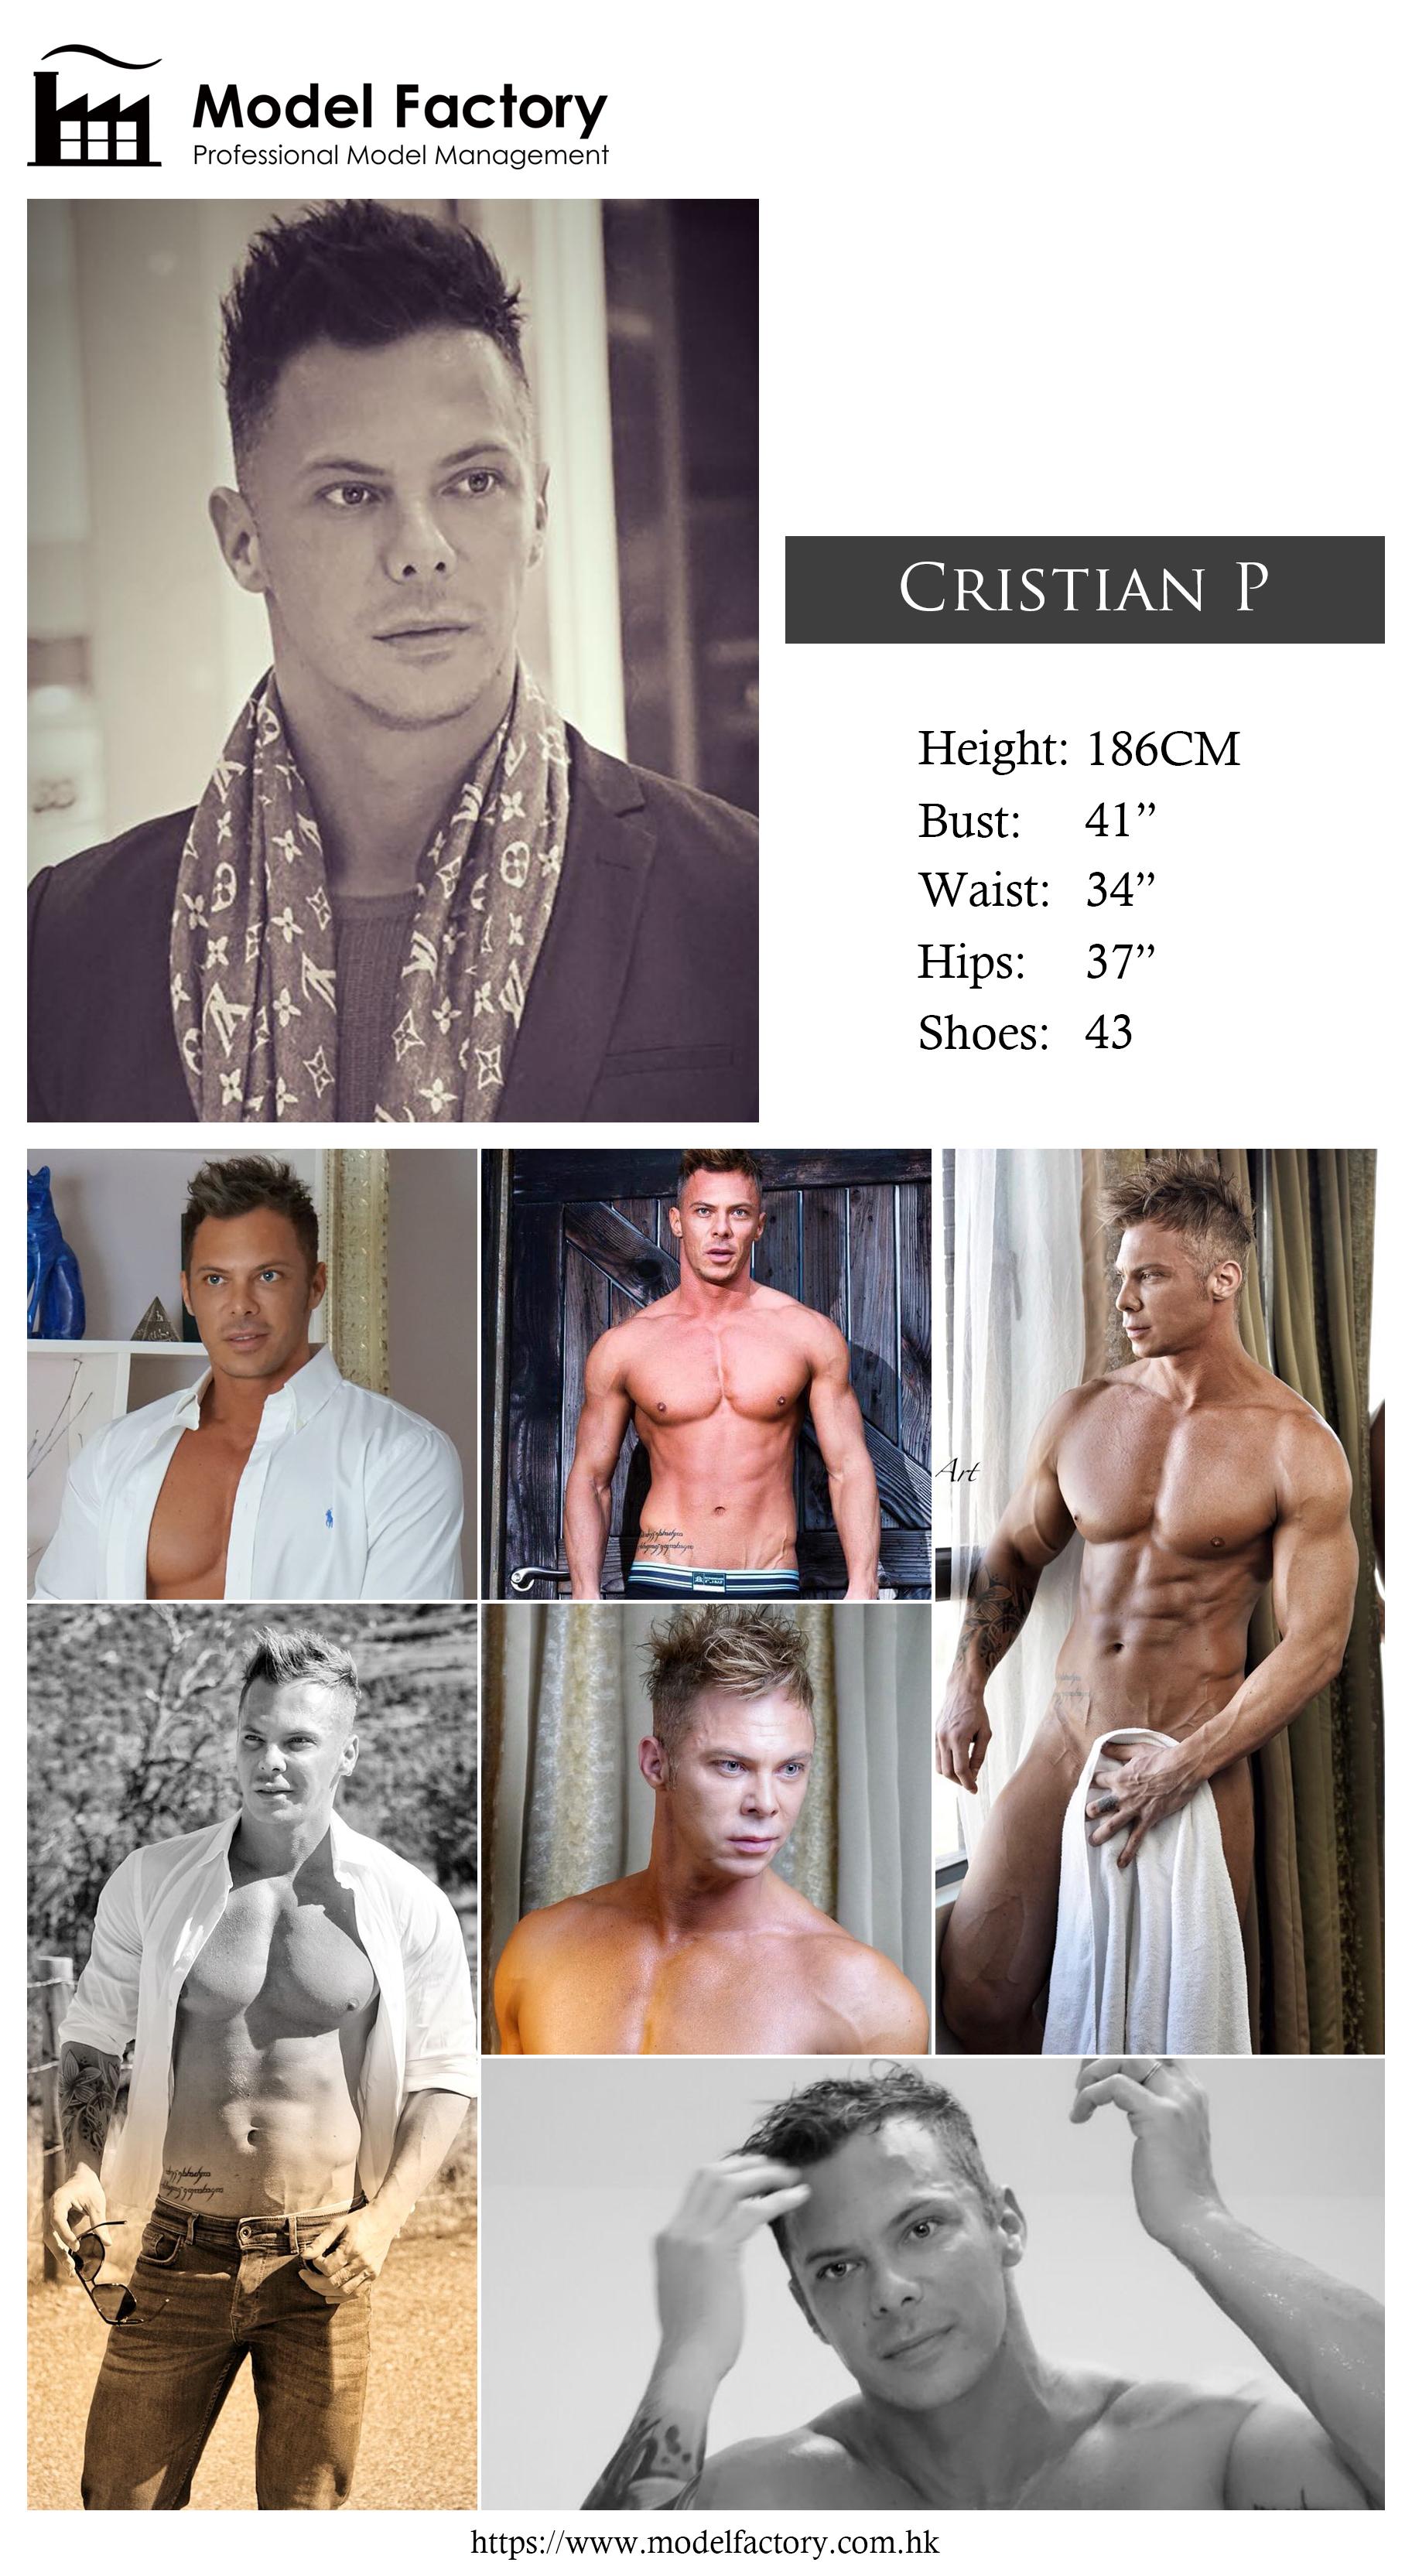 Model Factory Caucasian Male Model CristianP